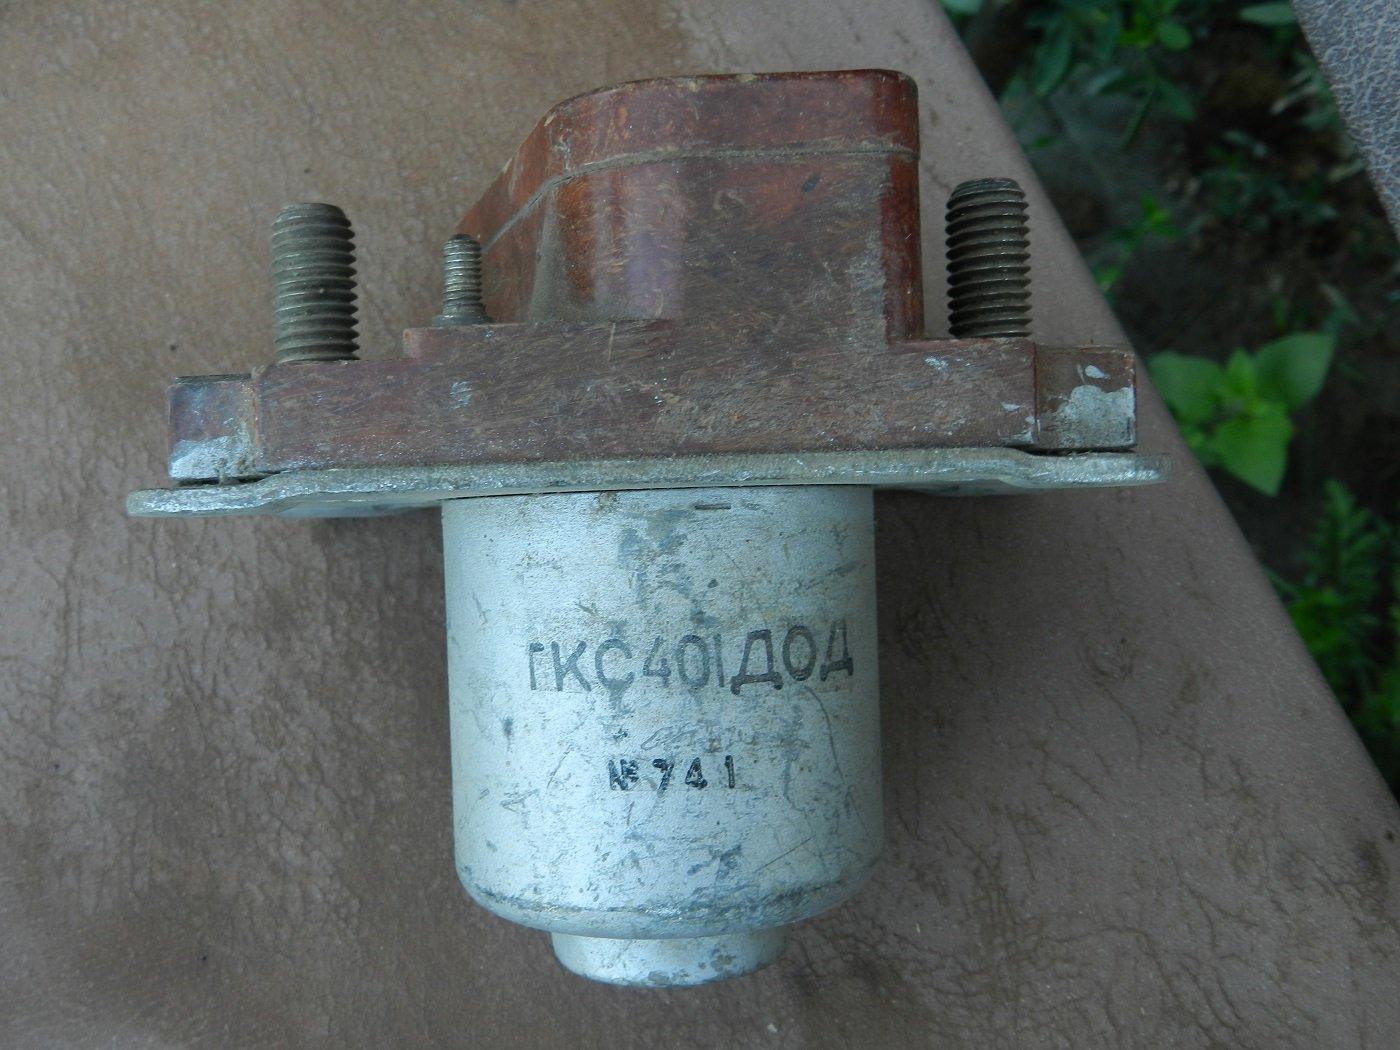 DSCN8477.JPG